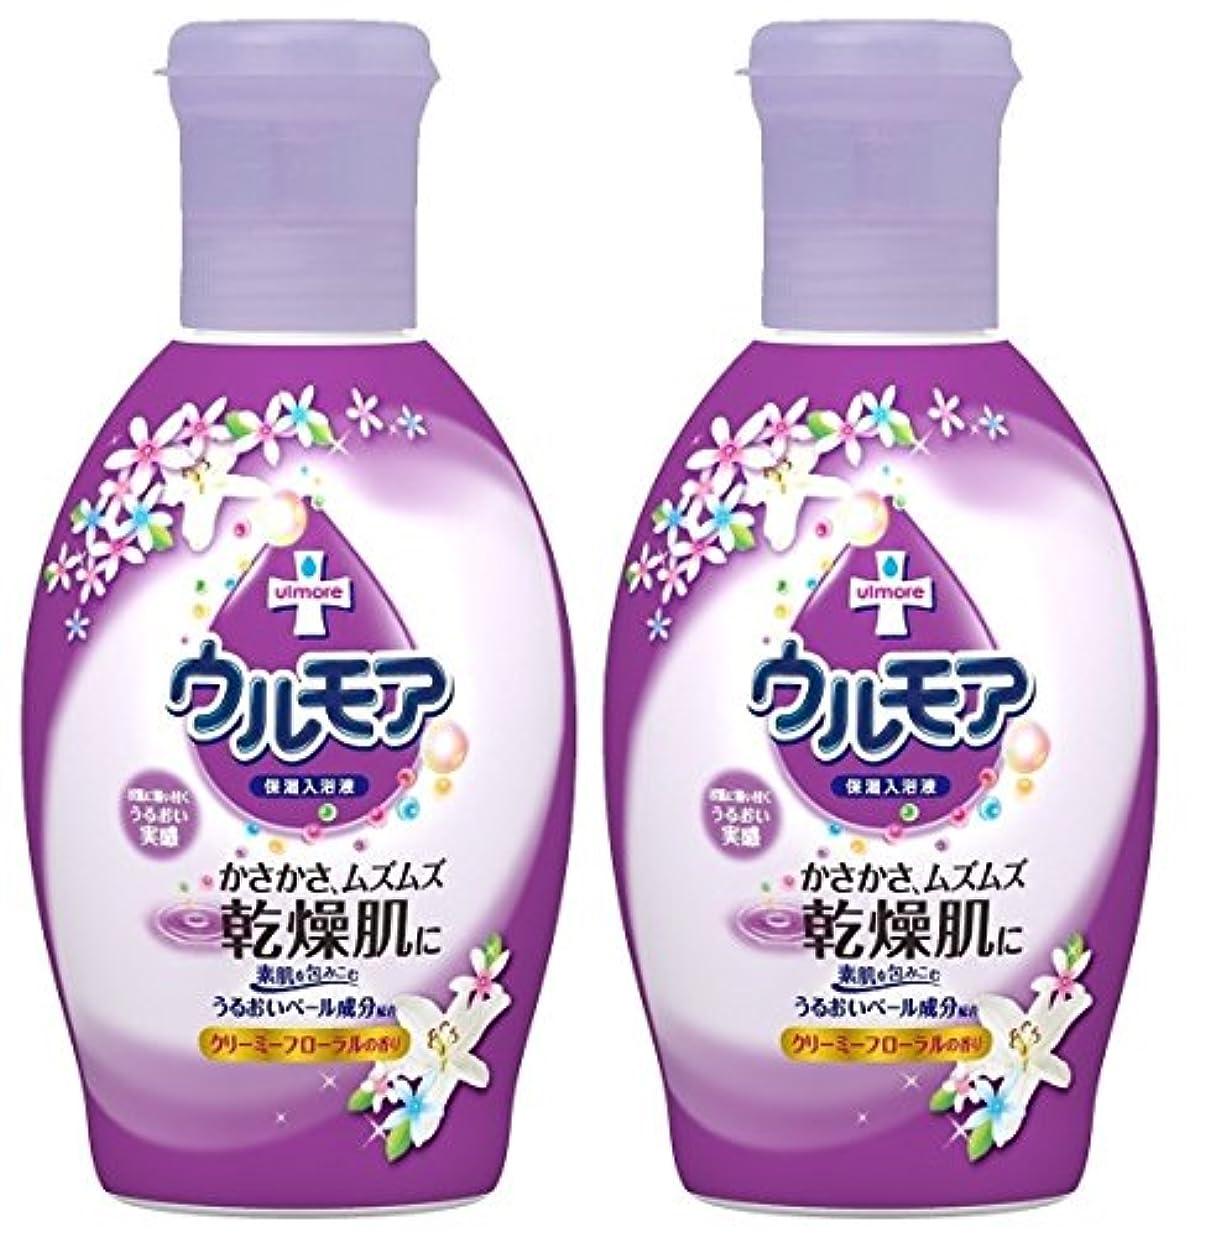 現代の品揃え保護する【まとめ買い】保湿入浴液 ウルモアクリーミーフローラル 600mL ×2セット